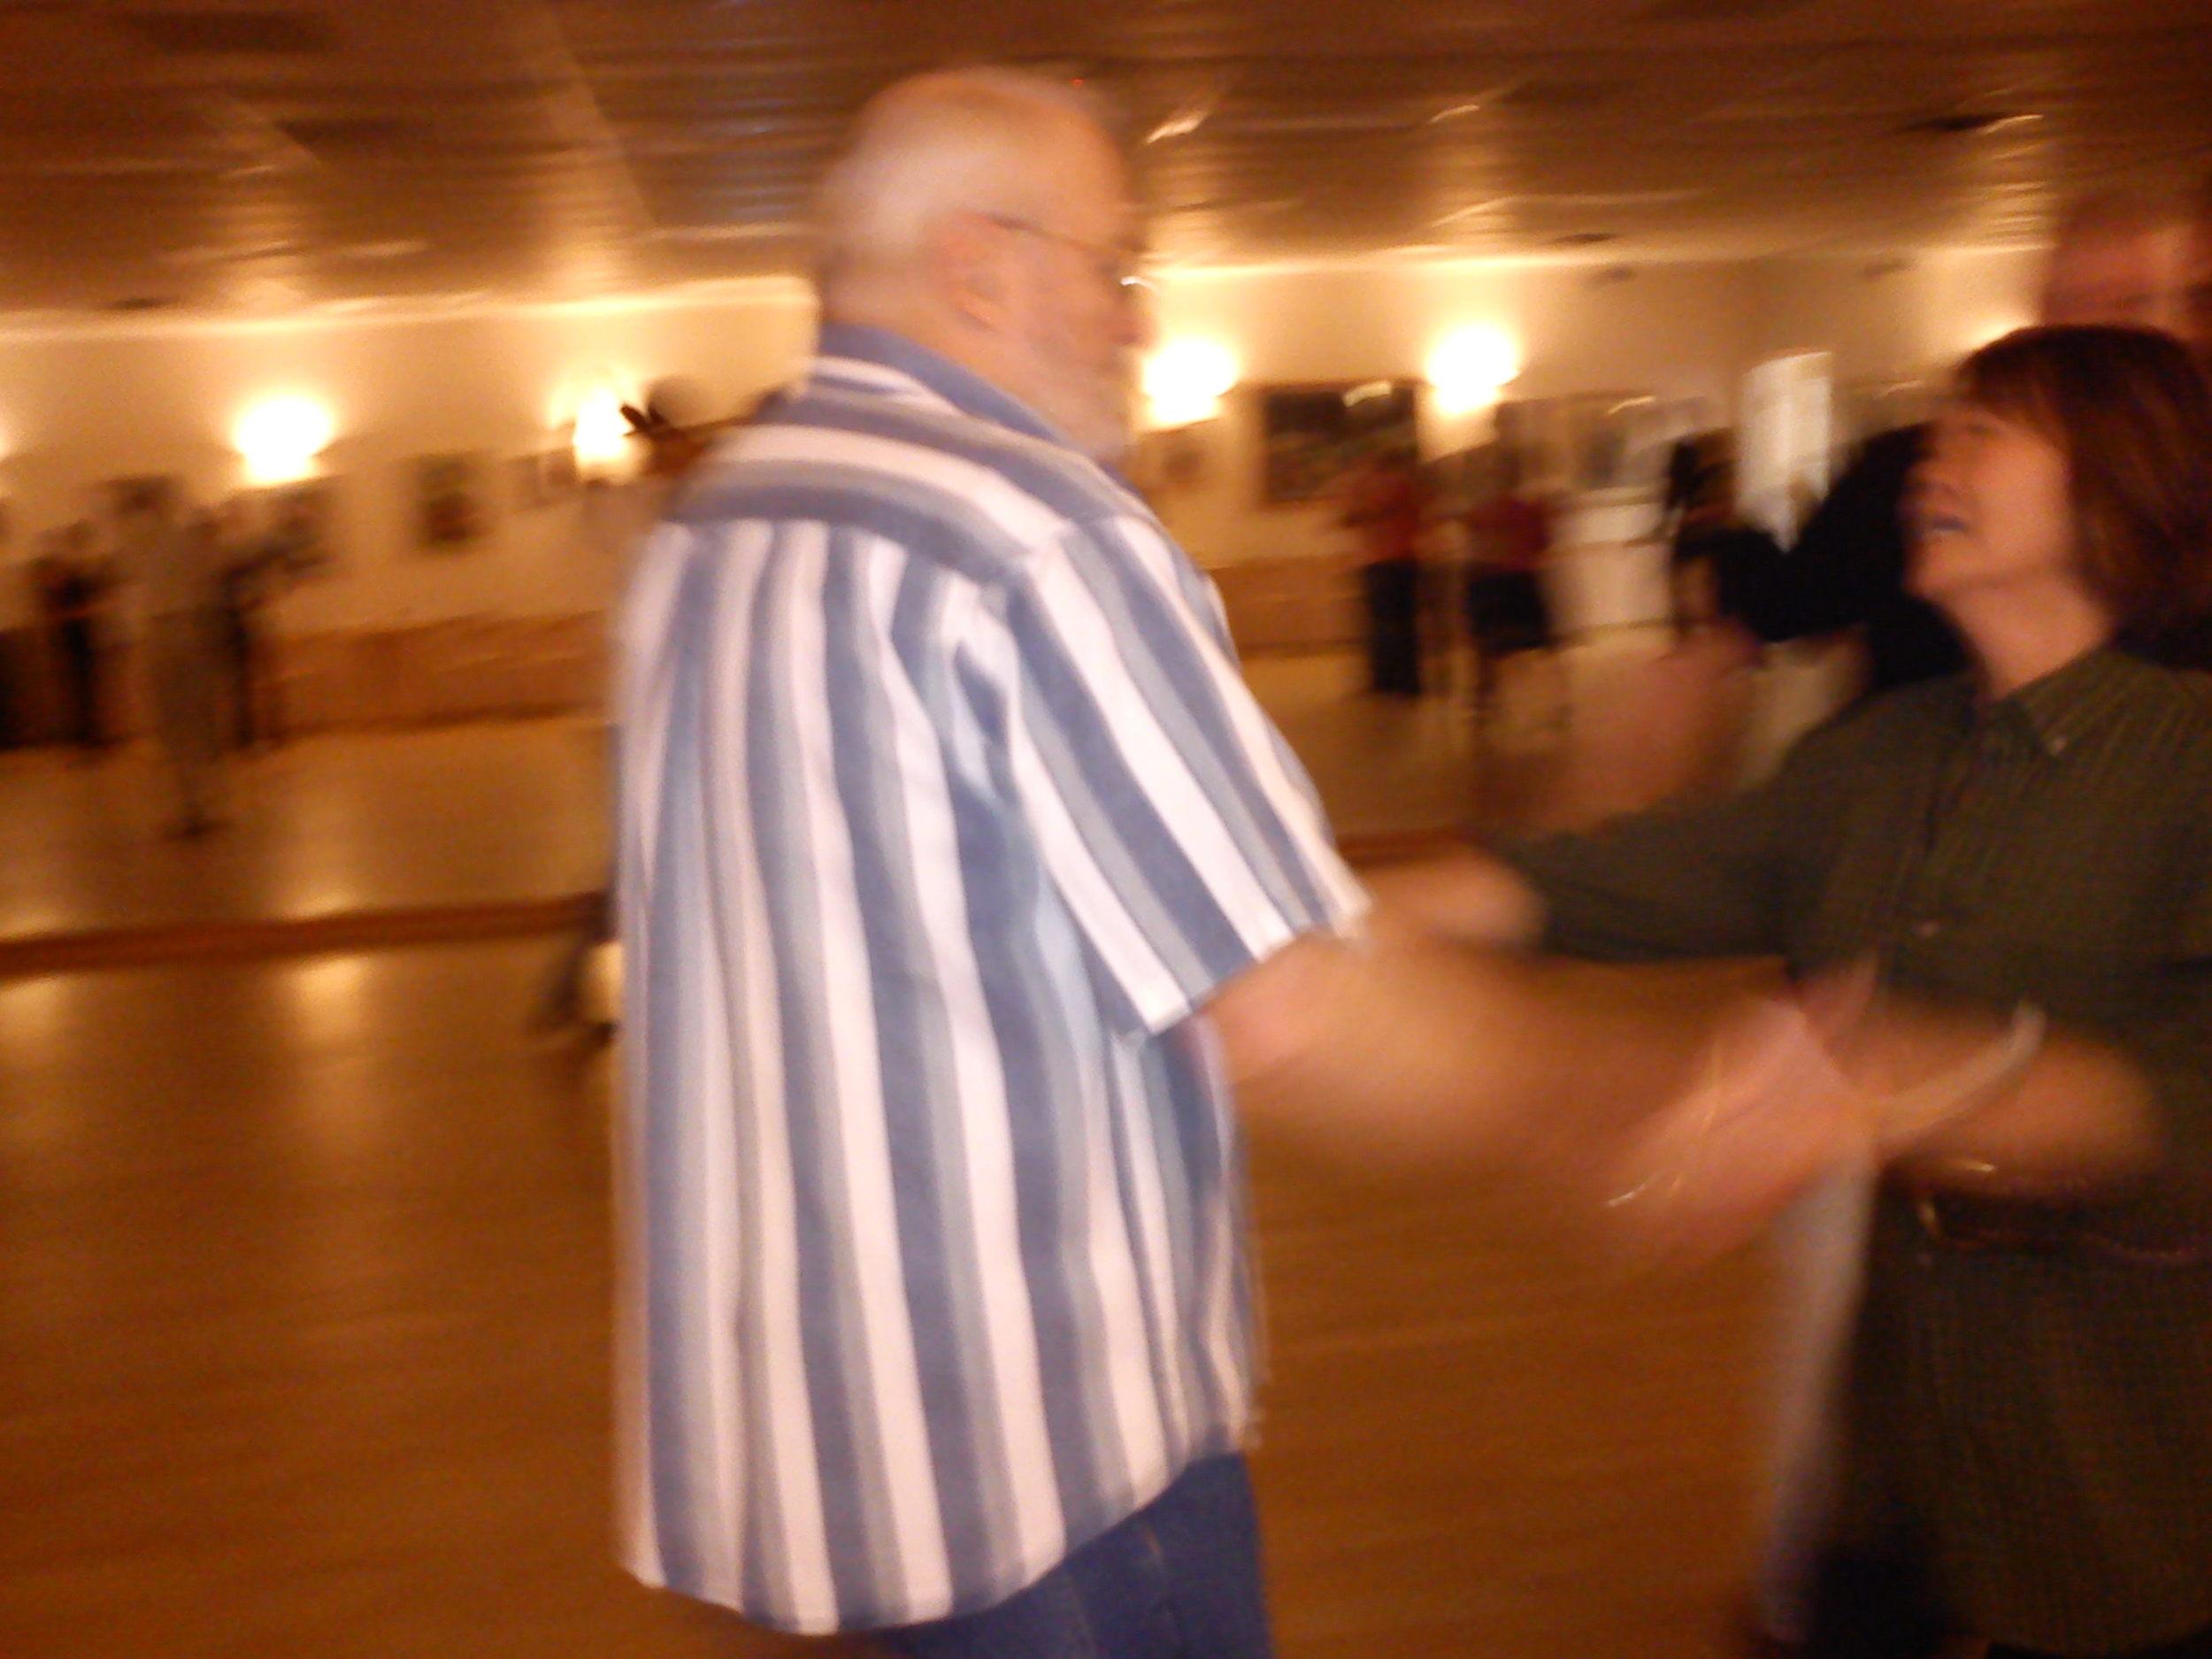 Ballroom dancing skills which translate into life skills